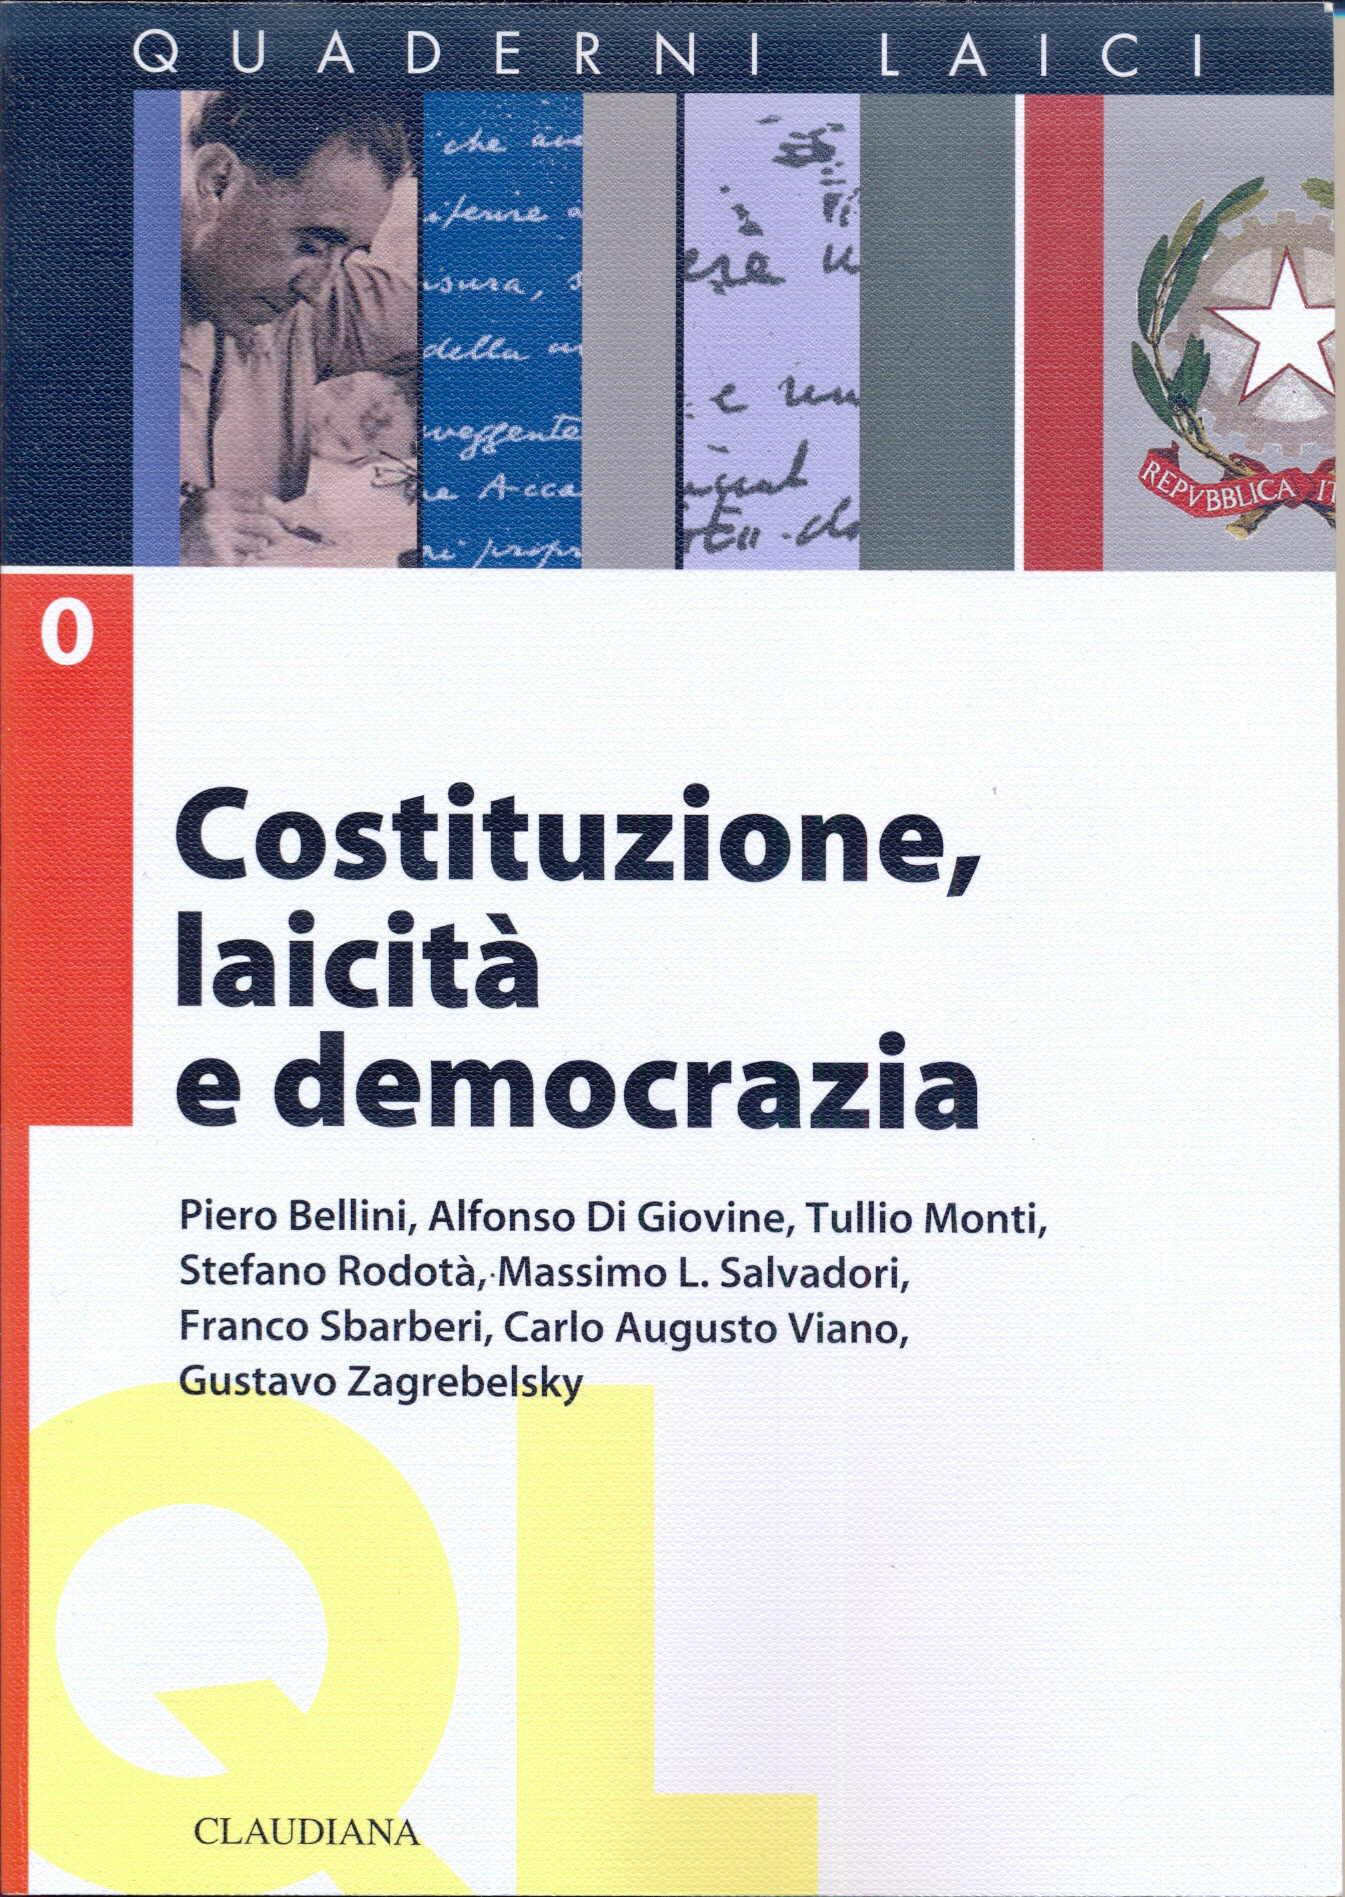 Costituzione, laicità, democrazia